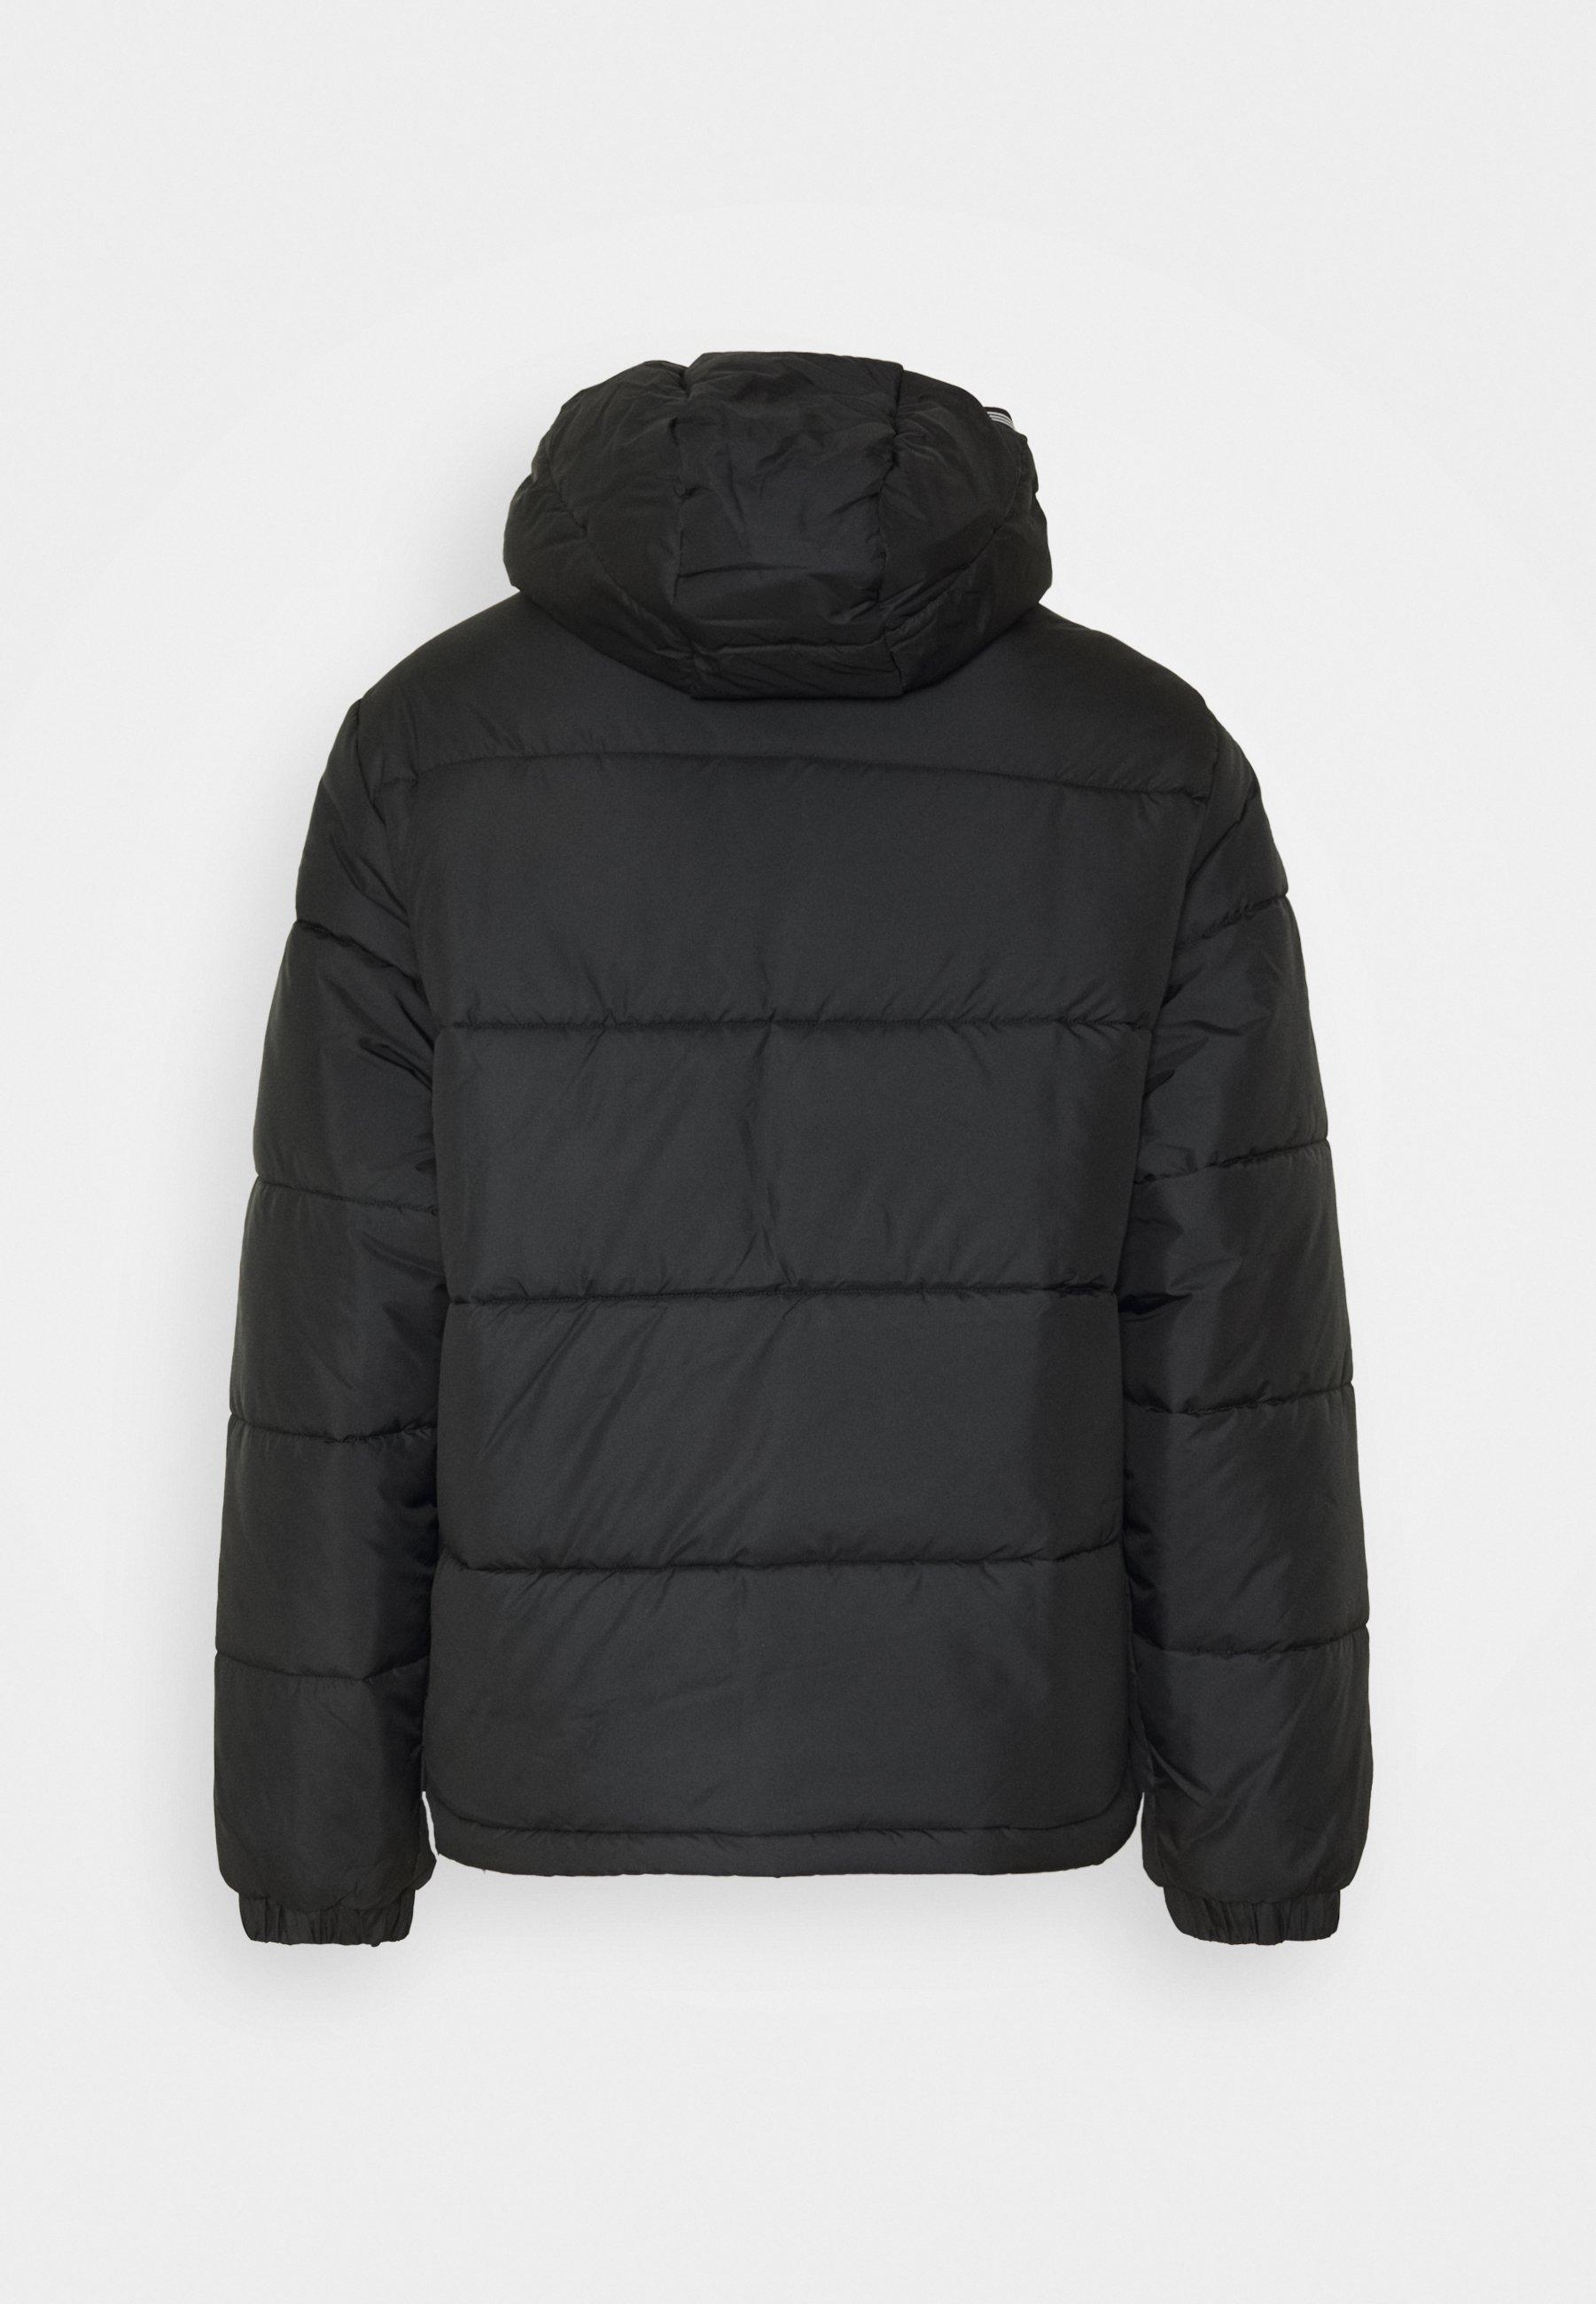 adidas SST Down Hooded Winterjacke black: : Bekleidung